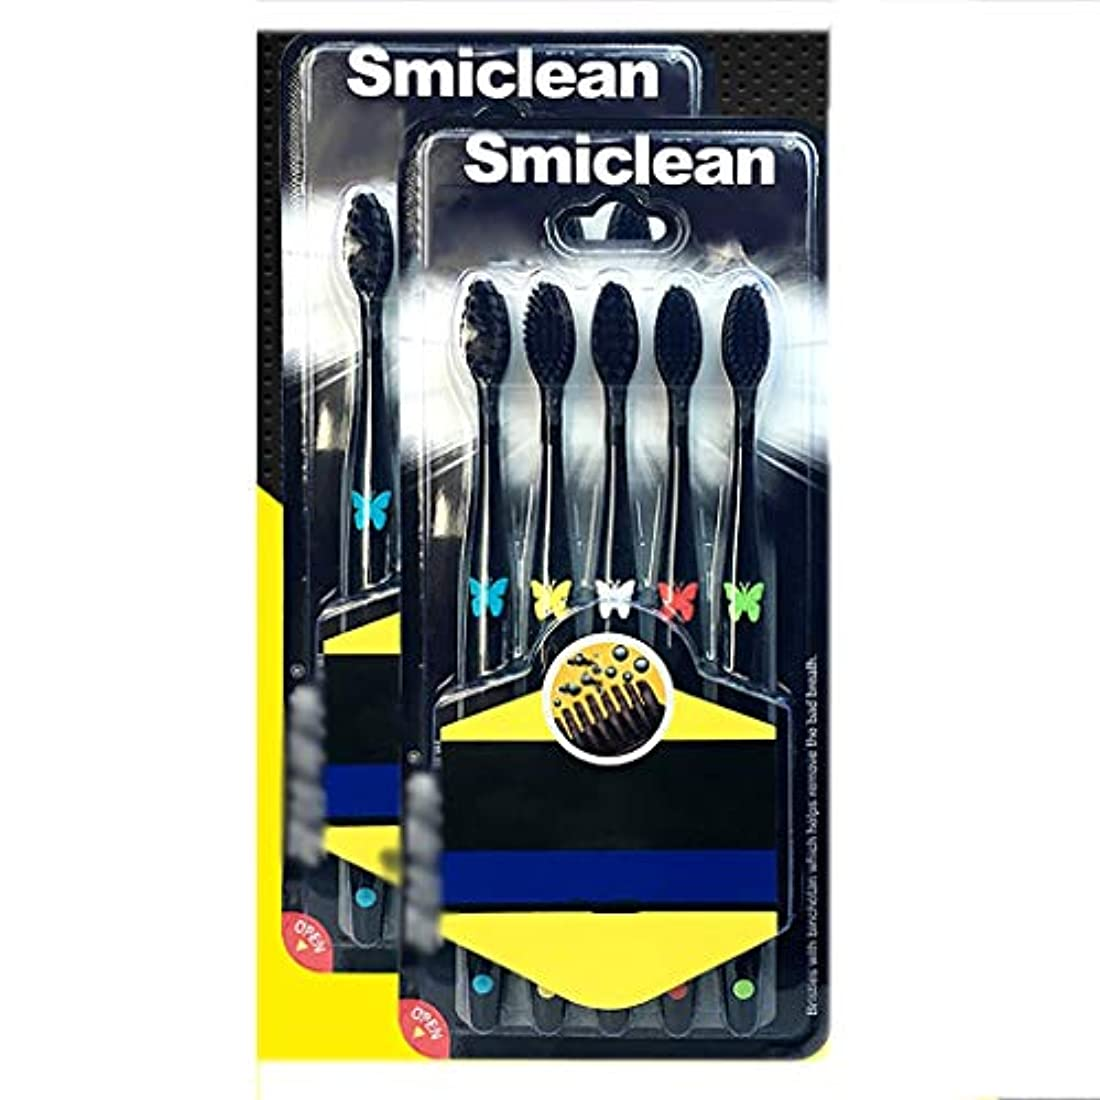 領事館電卓マーガレットミッチェル柔らかく、小さいヘッド歯ブラシ、大人のタケ木炭旅行家10の棒